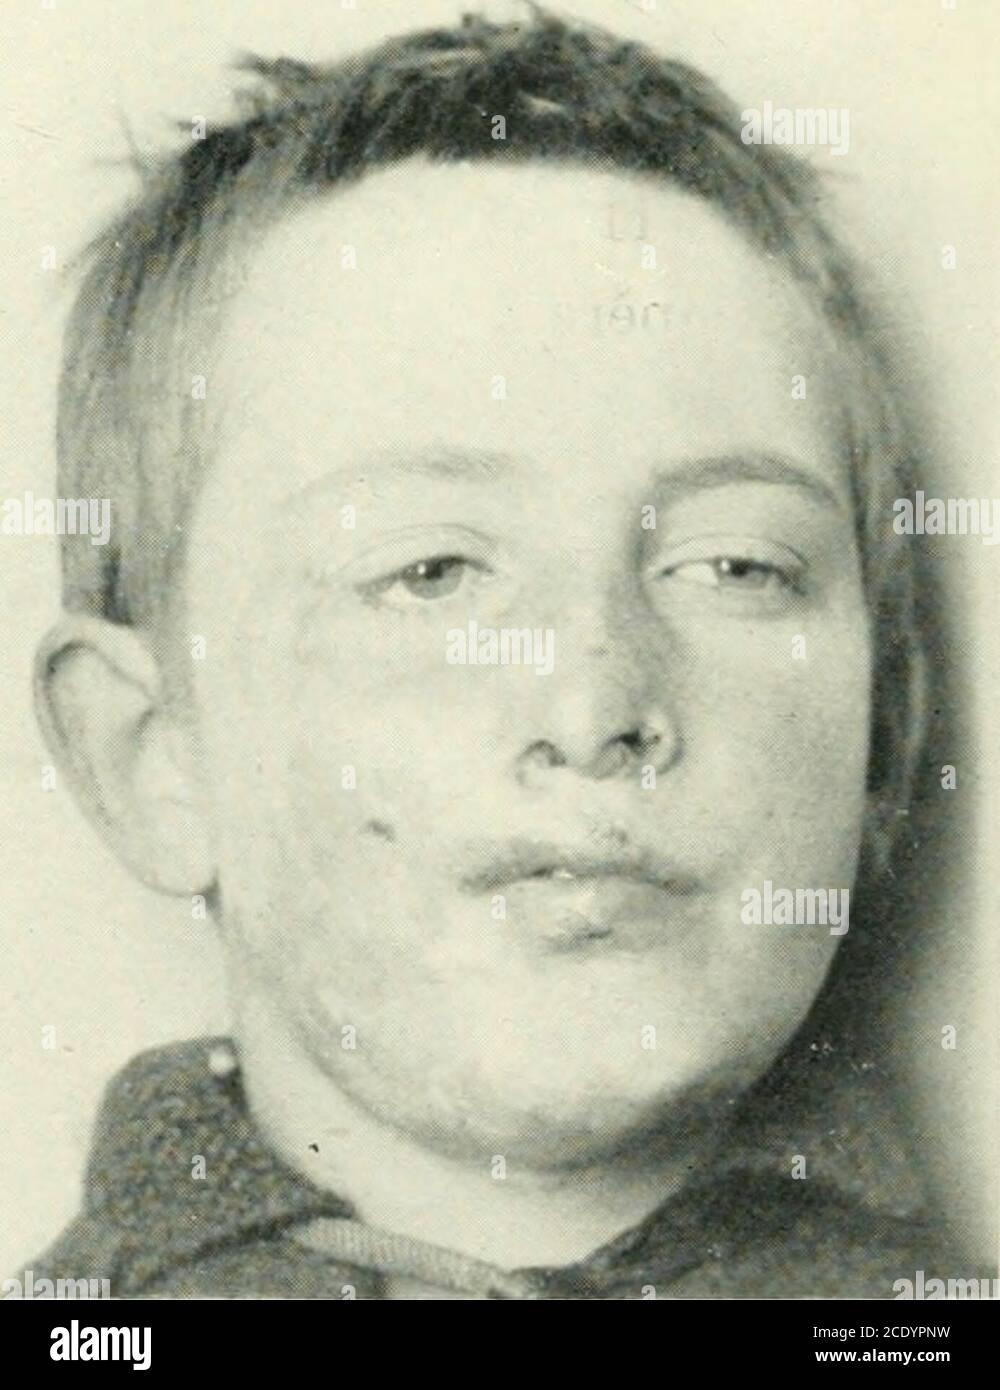 . La revue britannique de dermatologie . Figure 2.—7 mai 1922: Après Finseiitreatment. Grande surface cicatrisée, butylupus s'étendant aux marges. Figure 3.—OOTB de janvier. 1923: Après 5 mois de luminothérapie avec traitement nolocal. POUR ILLUSTRER LA DR. SEQUEIRAS ARTICLE SUR LES BAINS LÉGERS À ARC DE CARBONE DANS LE TRAITEMENT DU LUPUS VULGARIS. LUMIÈRE CARBONE-ARC DANS LE. TRAITEMENT DU LUPUS VULGARIS. 97 et d'autres facteurs d'intérêt biologique, et aussi d'essayer l'étiect du traitement sur d'autres conditions. J'illustre ici un cas caractéristique montré avec un autre à la Section Dermatologique en janvier. Le garçon, dont Banque D'Images